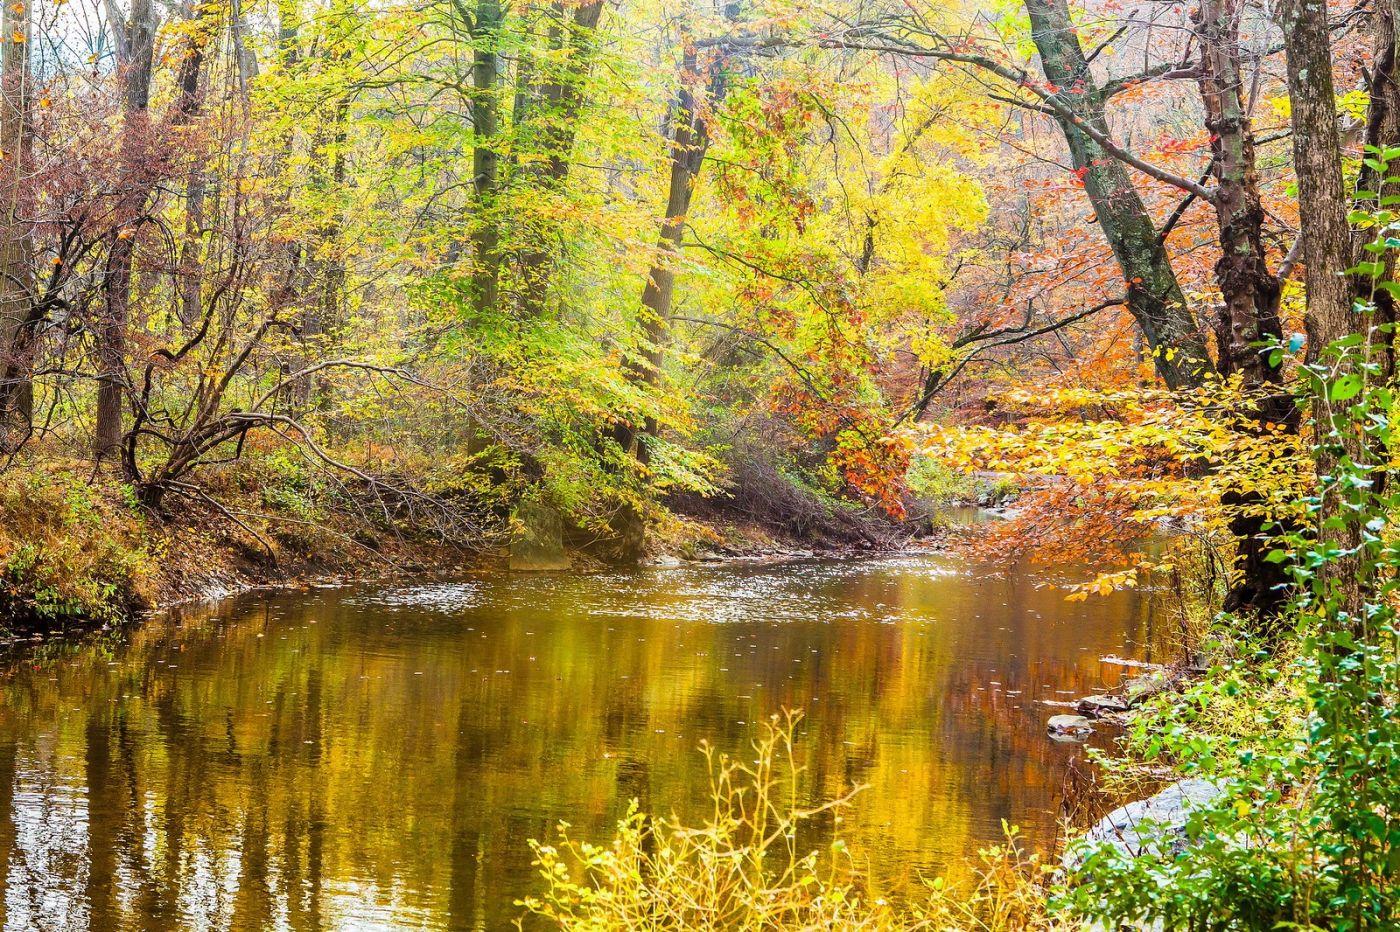 宾州雷德利克里克公园(Ridley creek park),迷人的秋色_图1-7